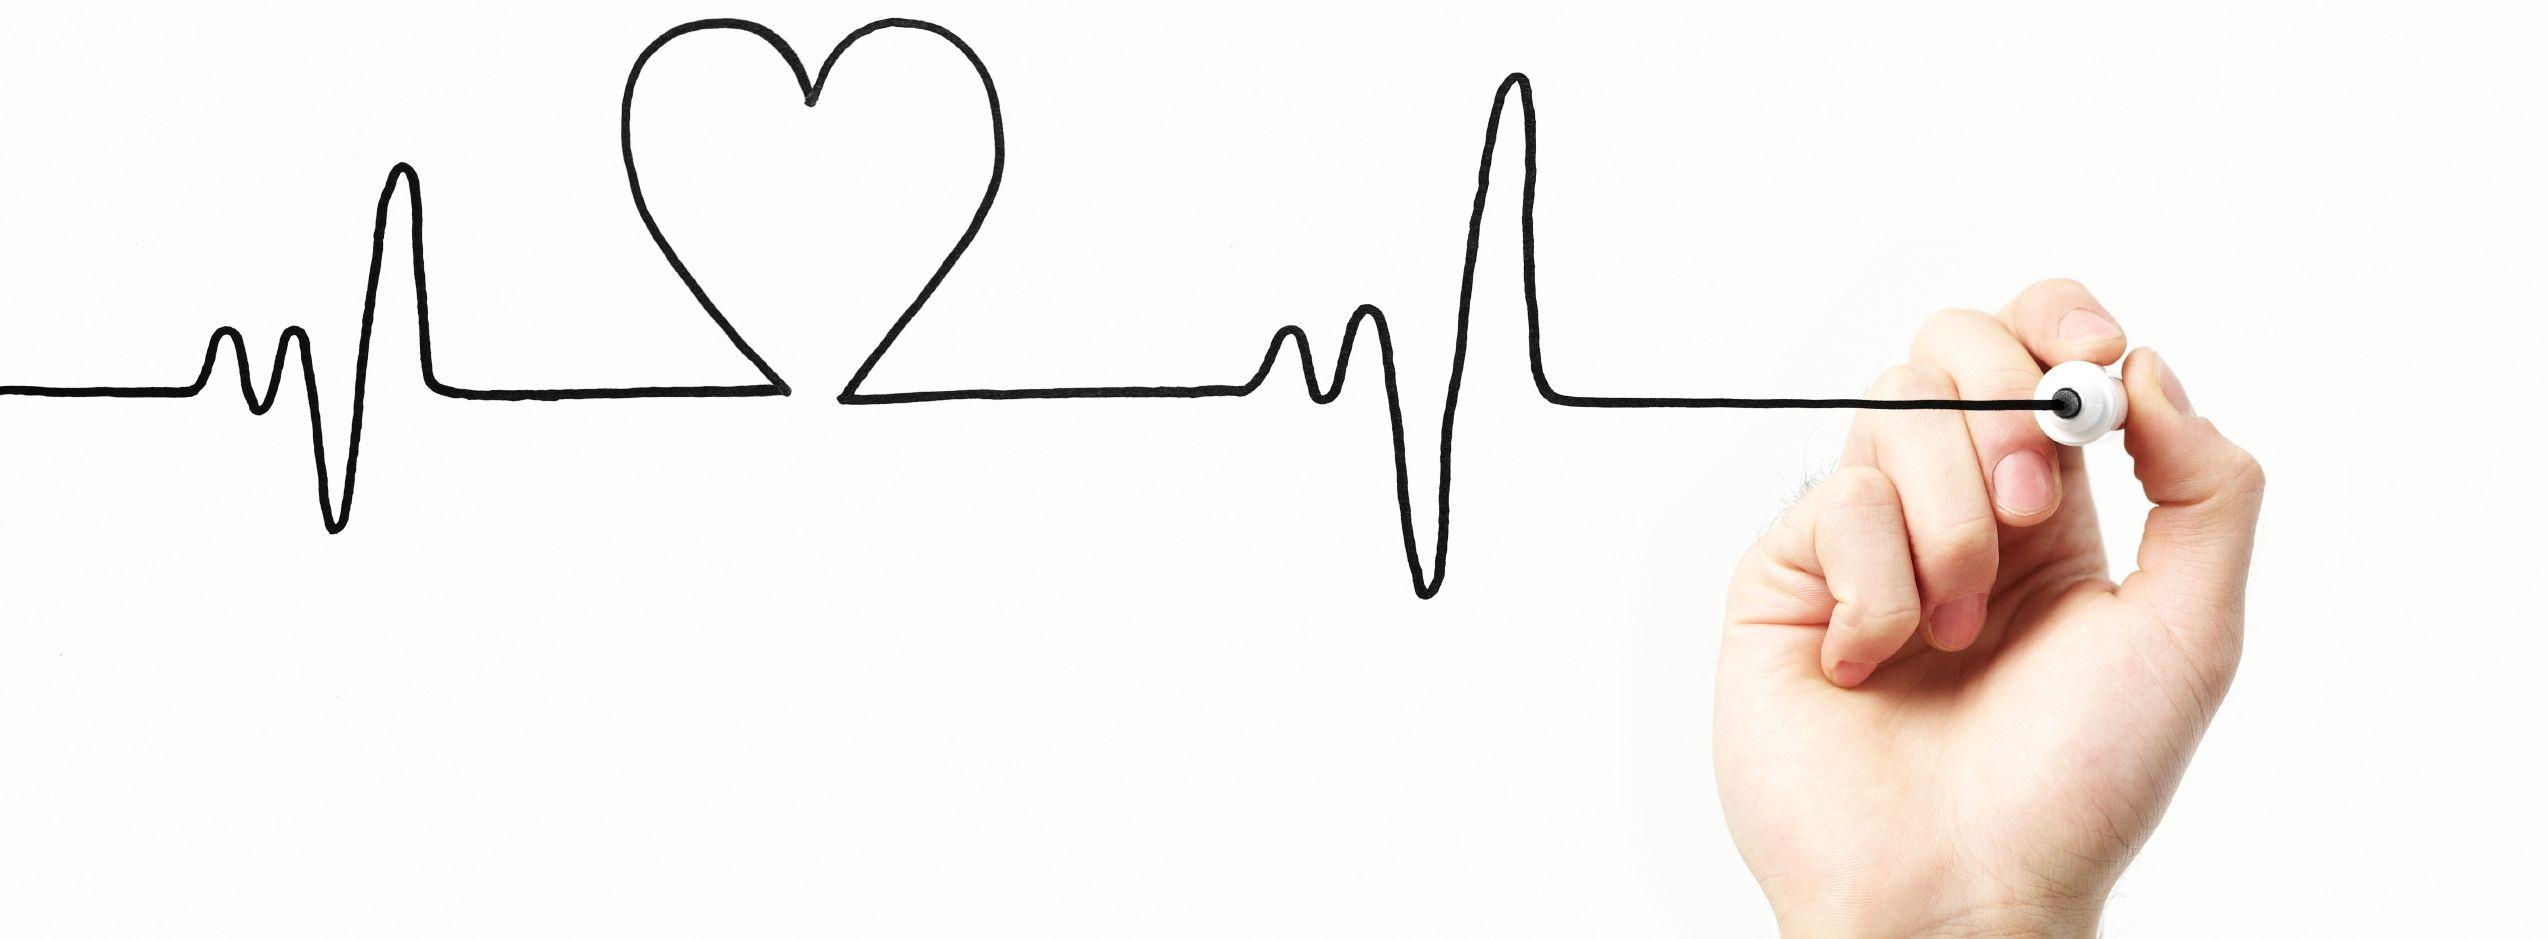 Ingin Detak Jantung Lebih Sehat Teratur Coba Lakukan Liburan